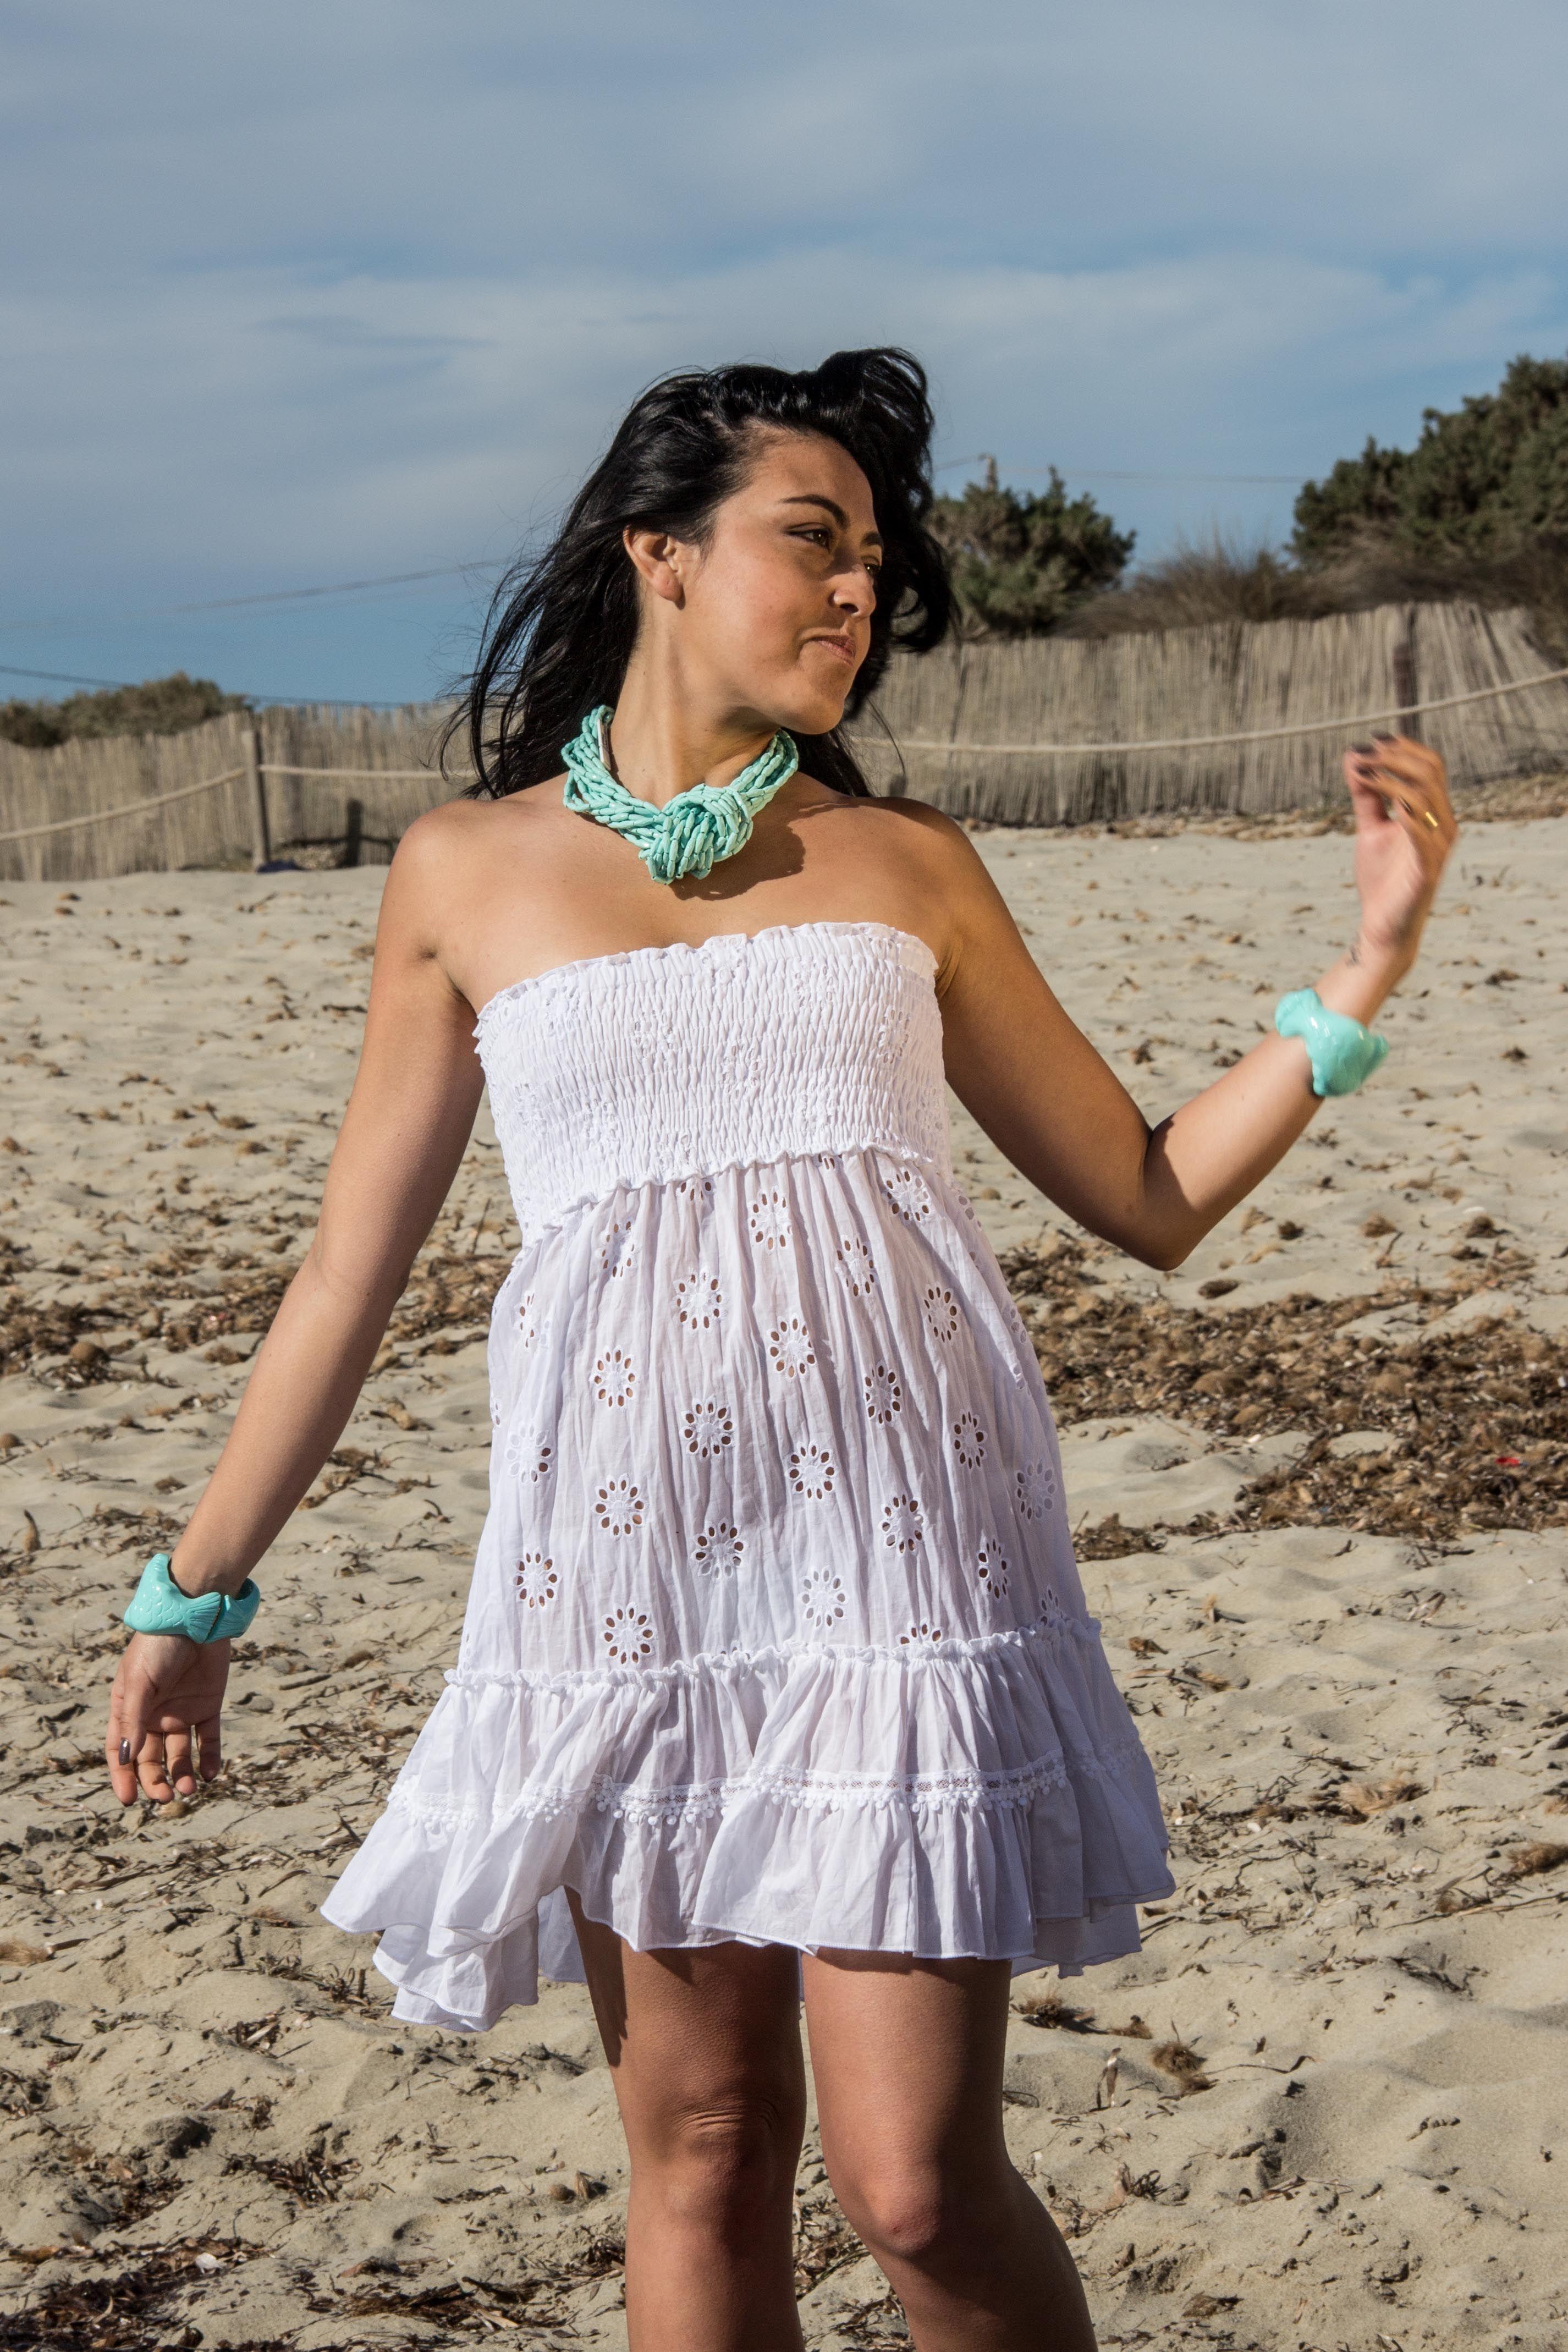 Vestido Mambo | Adlibitum Ibiza